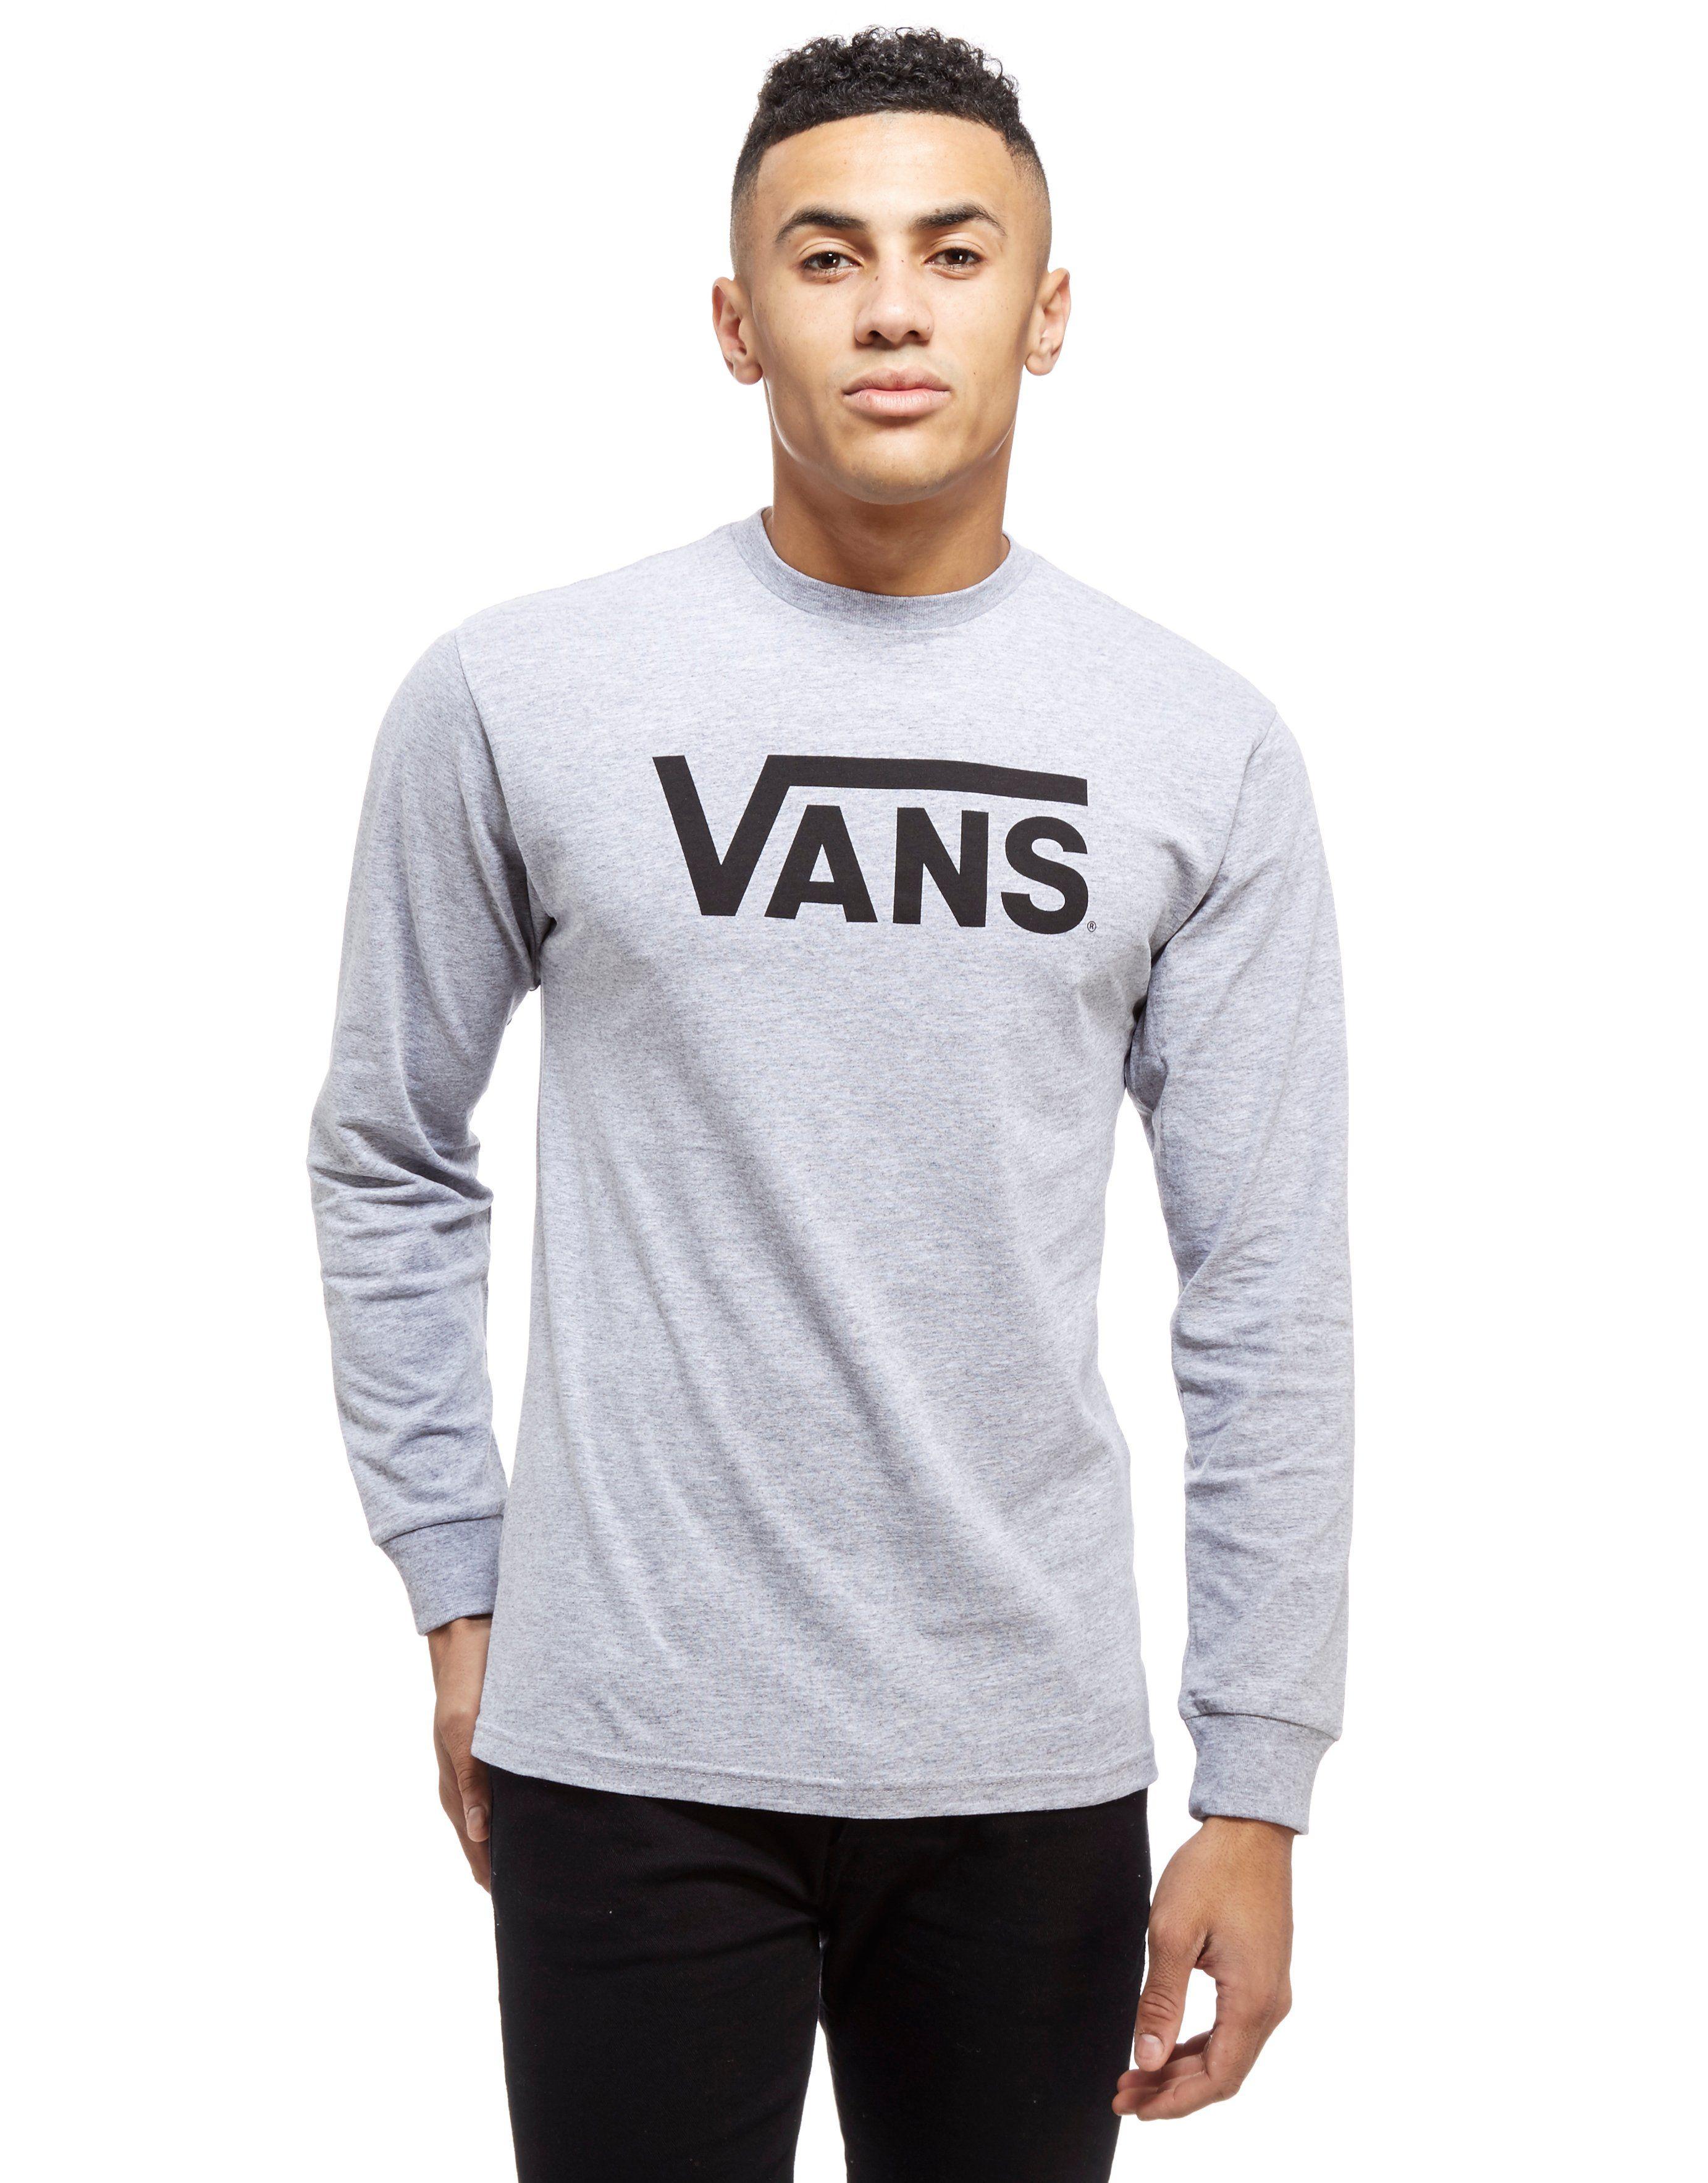 Vans Flying Long-Sleeved T-Shirt